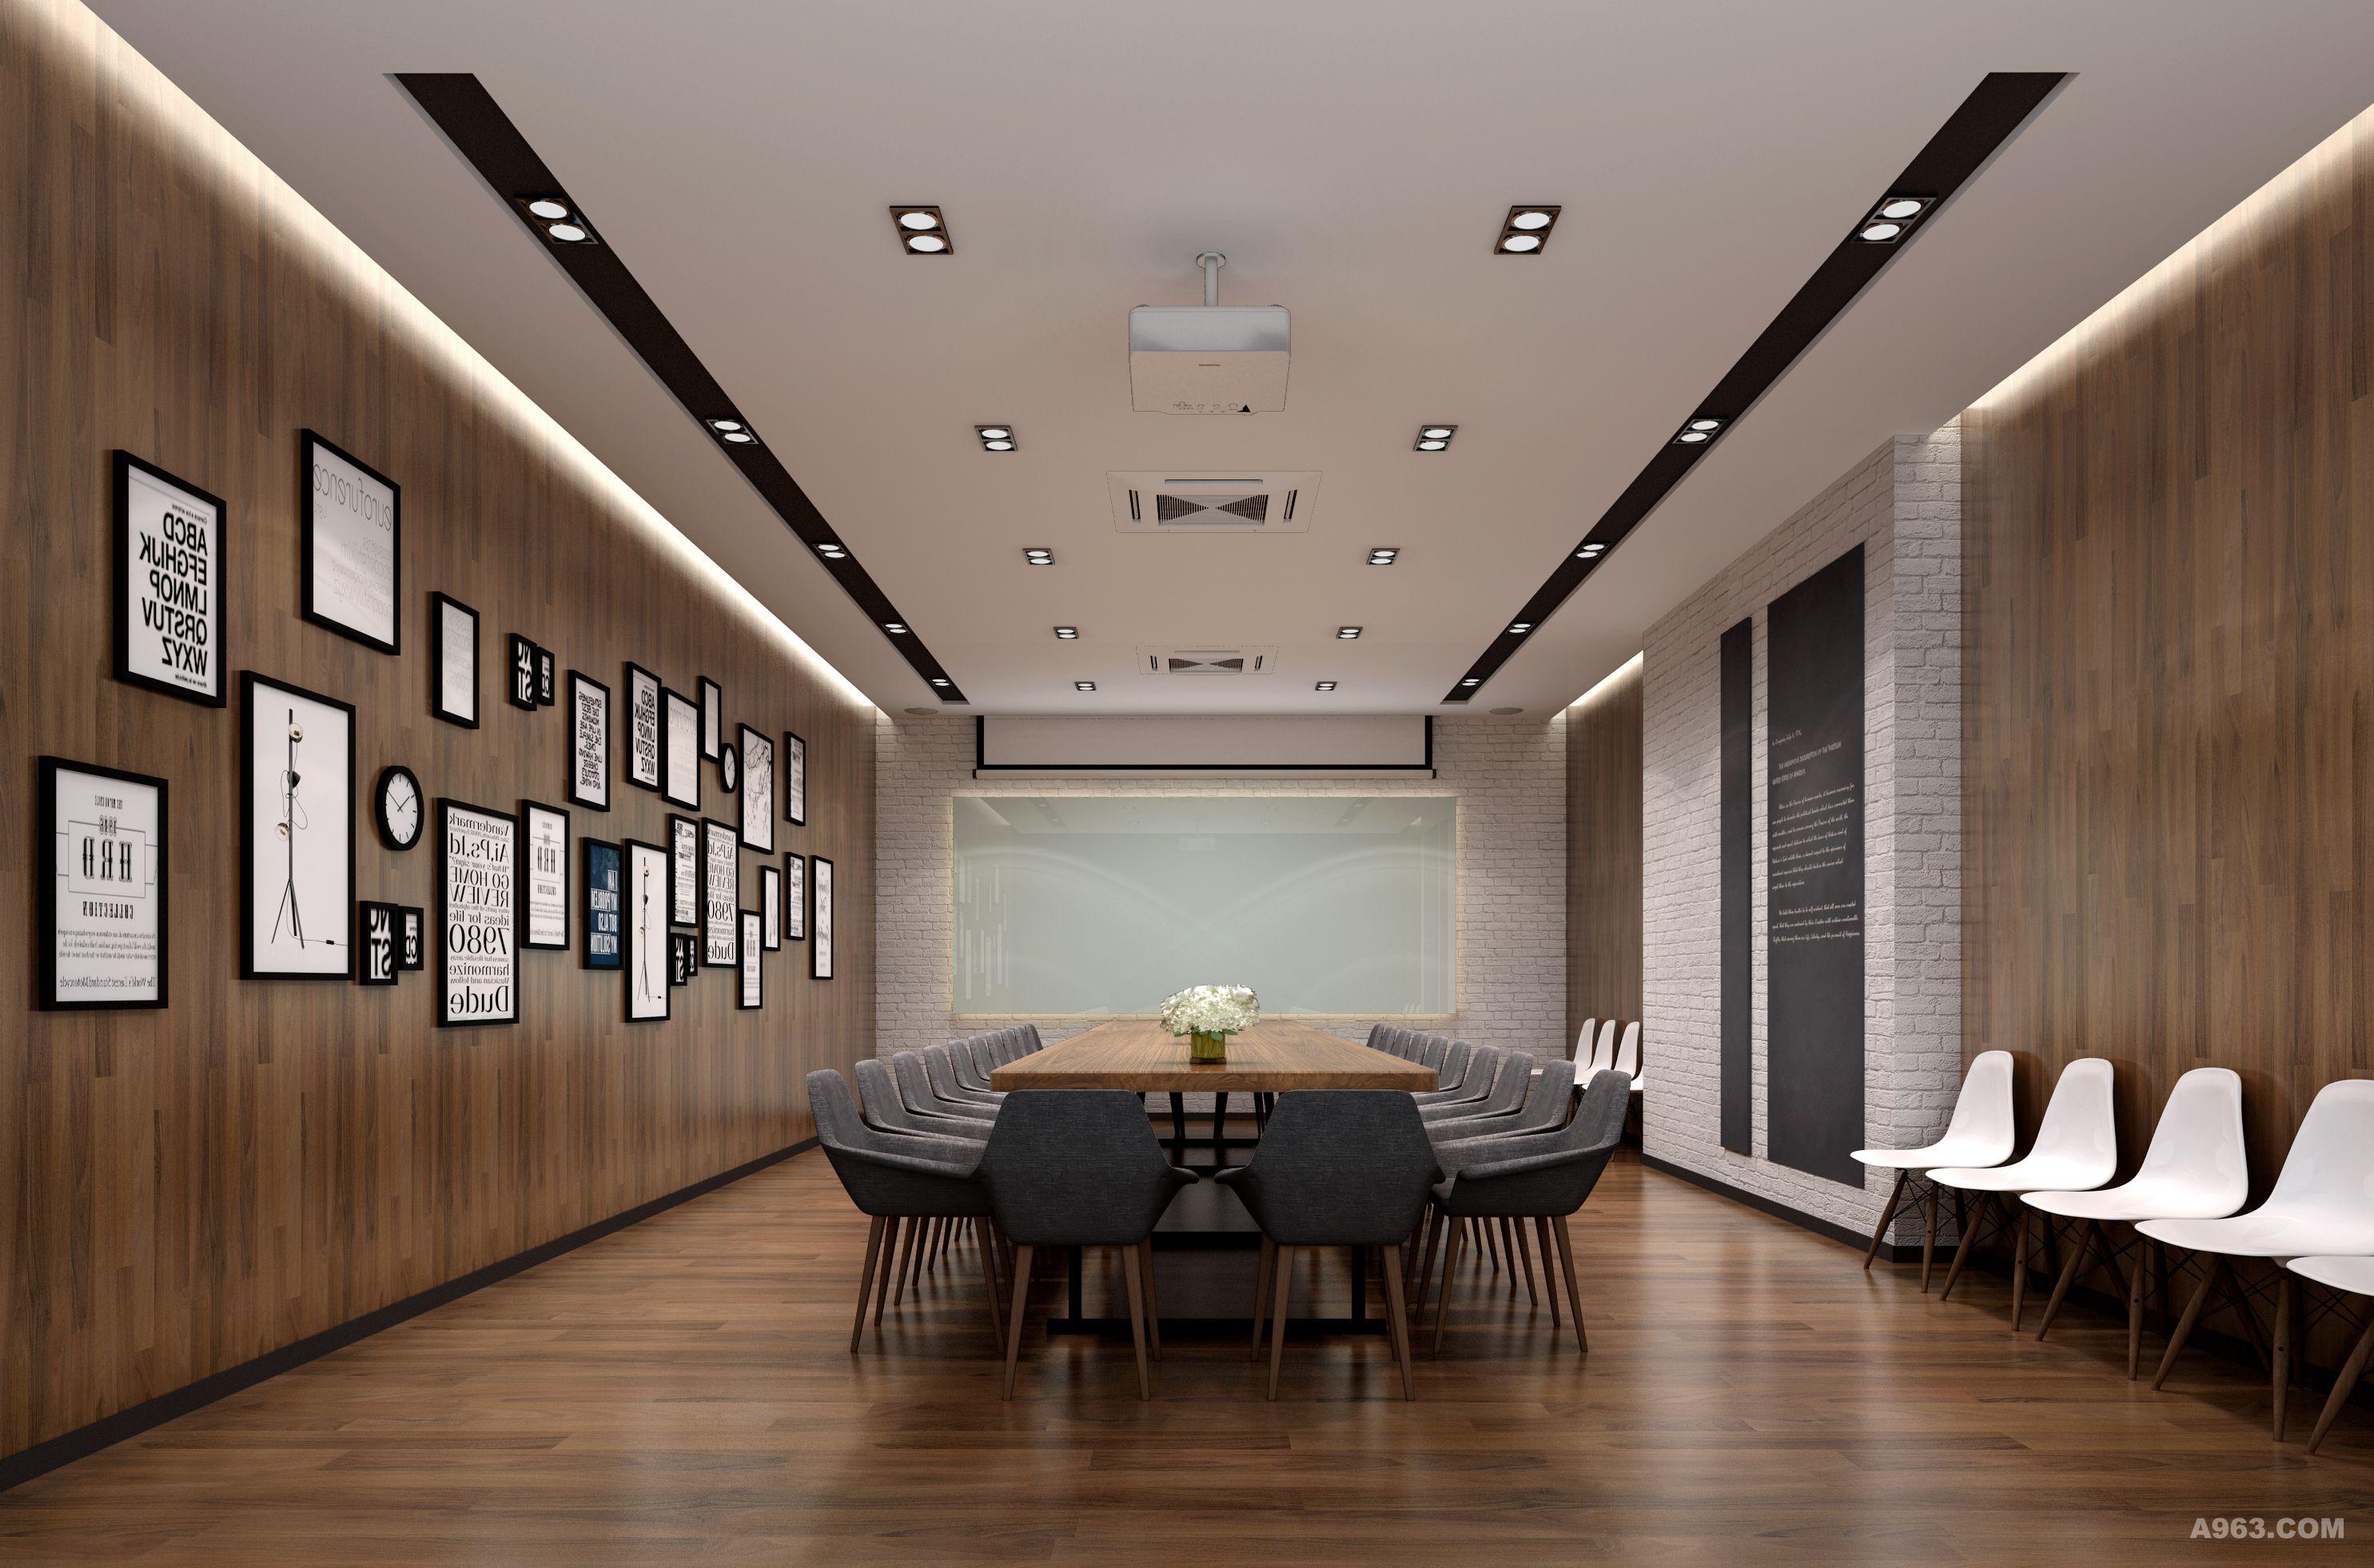 設計風格:loft/輕工業風 主要用材;啞面黑鋼,仿木鋁塑板,原木,地坪